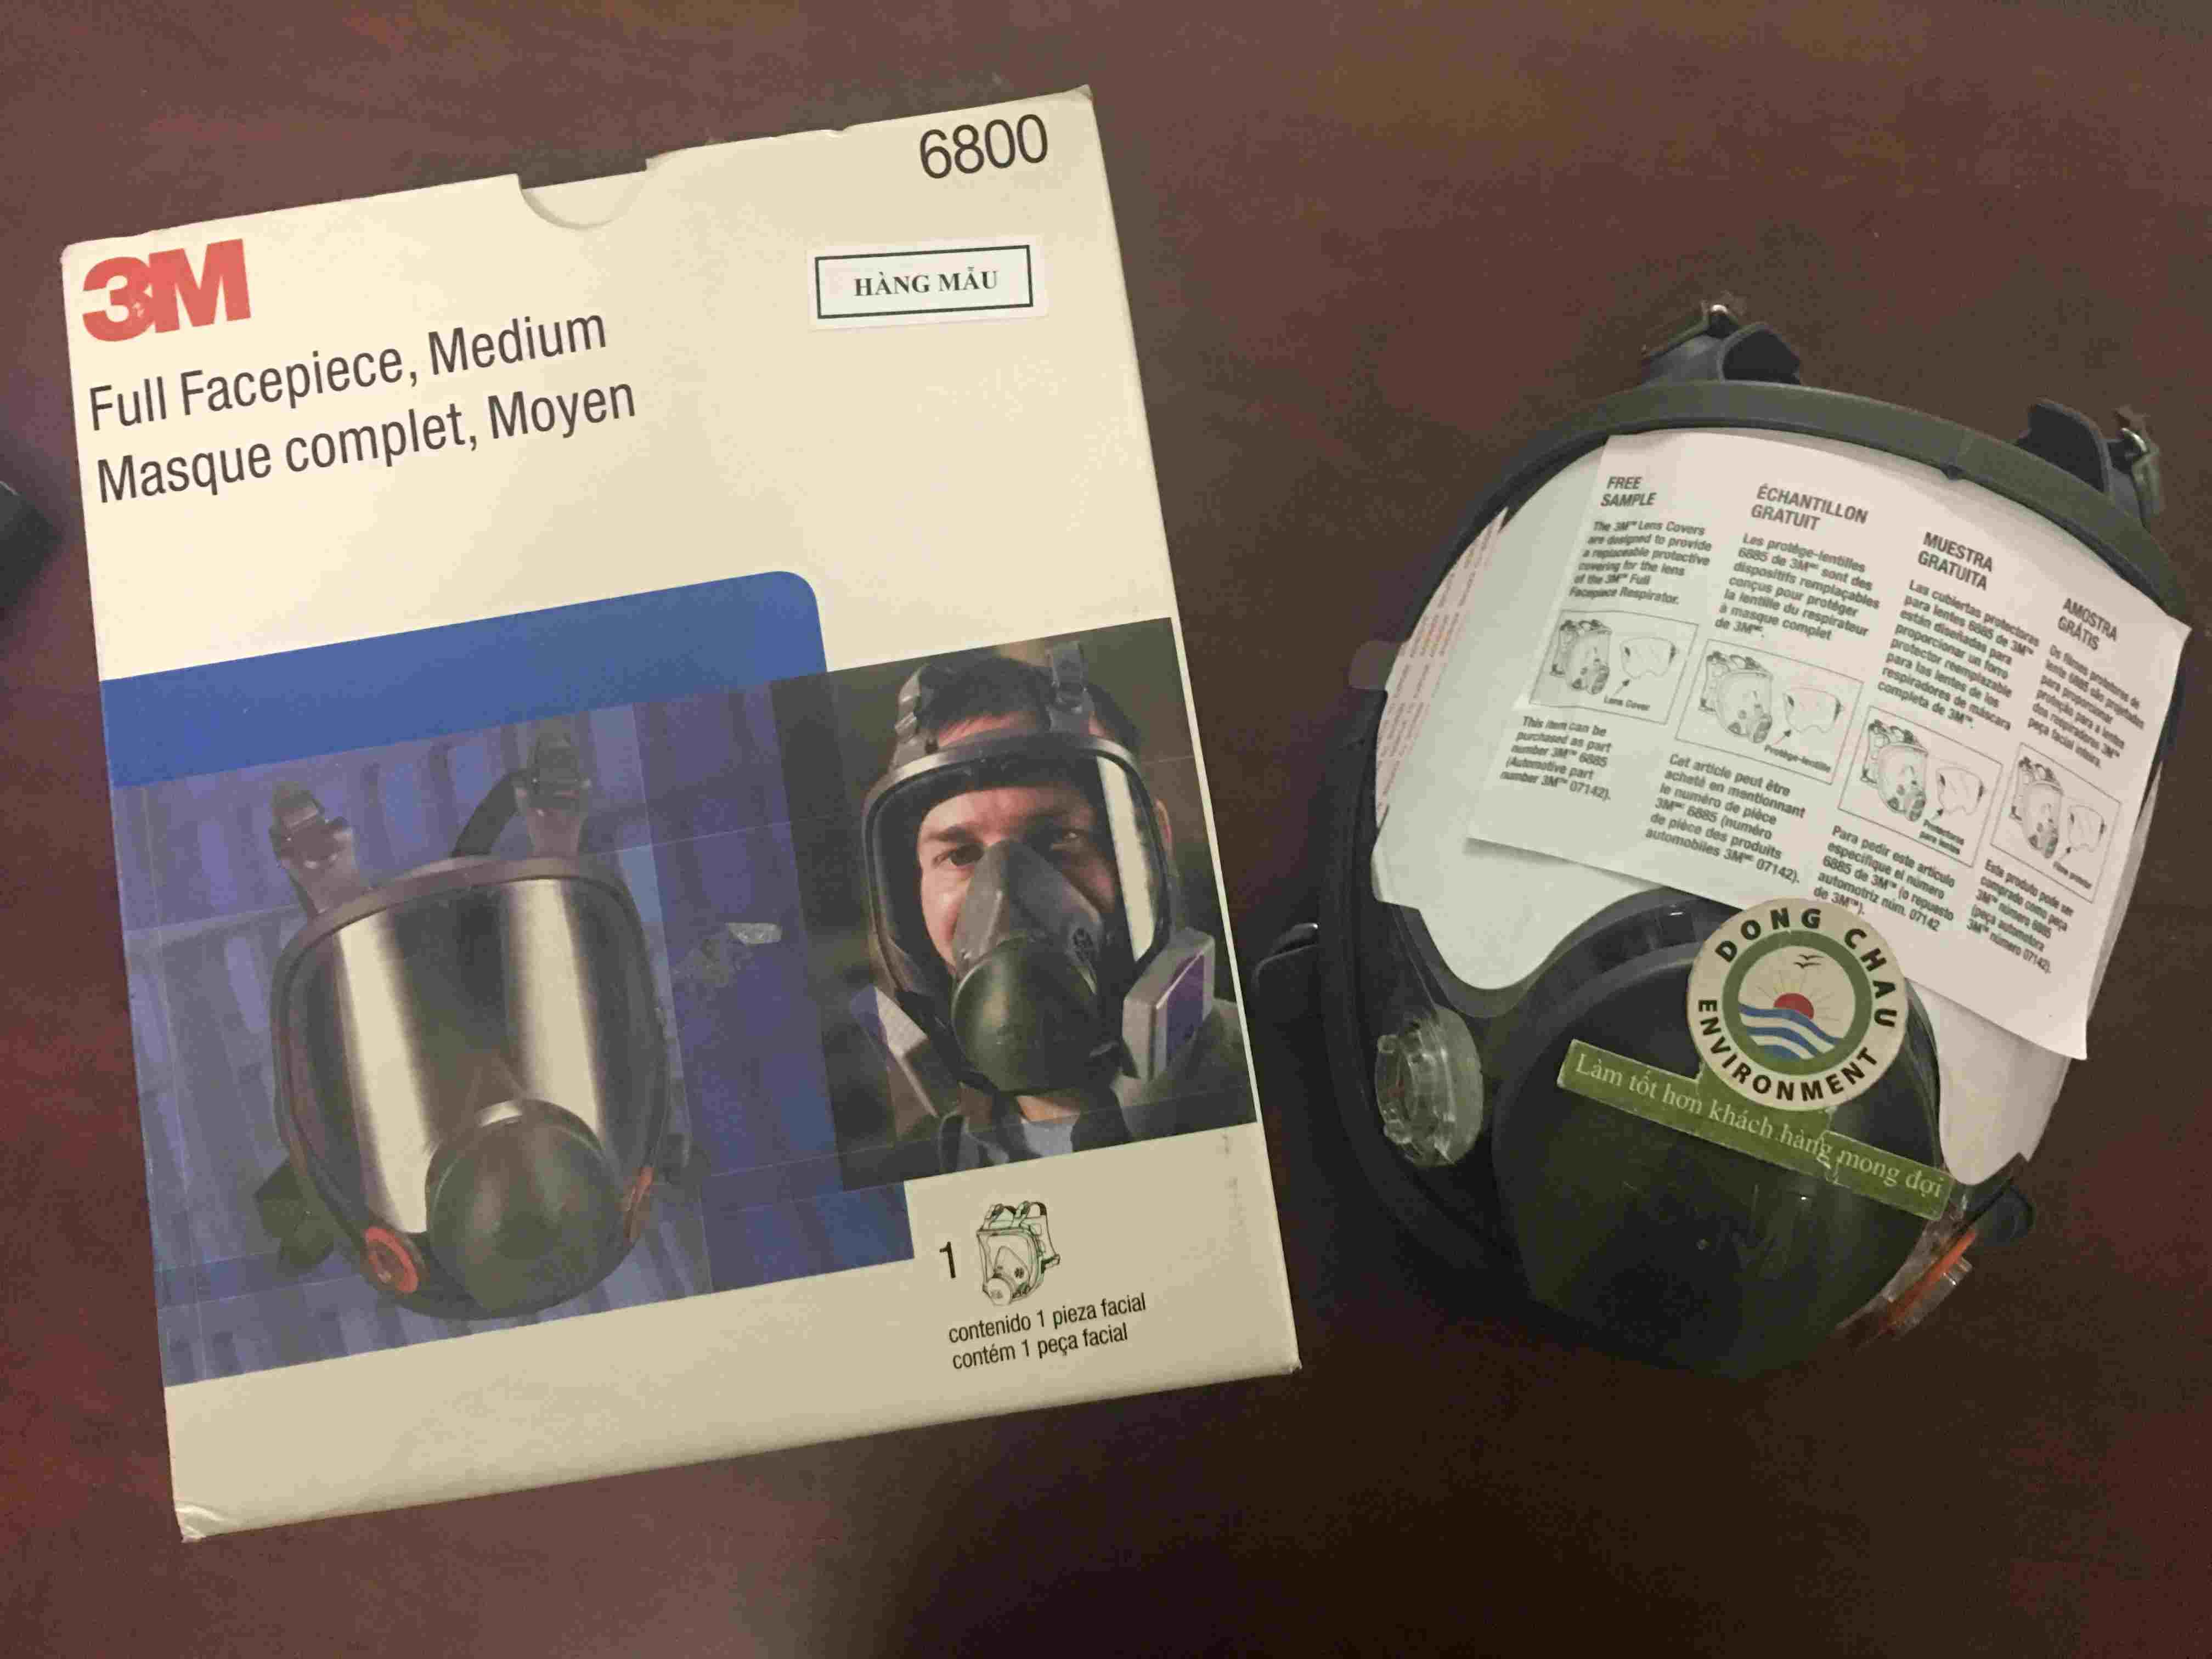 Mặt nạ bảo hộ chống độc toàn mặt 3M 6800